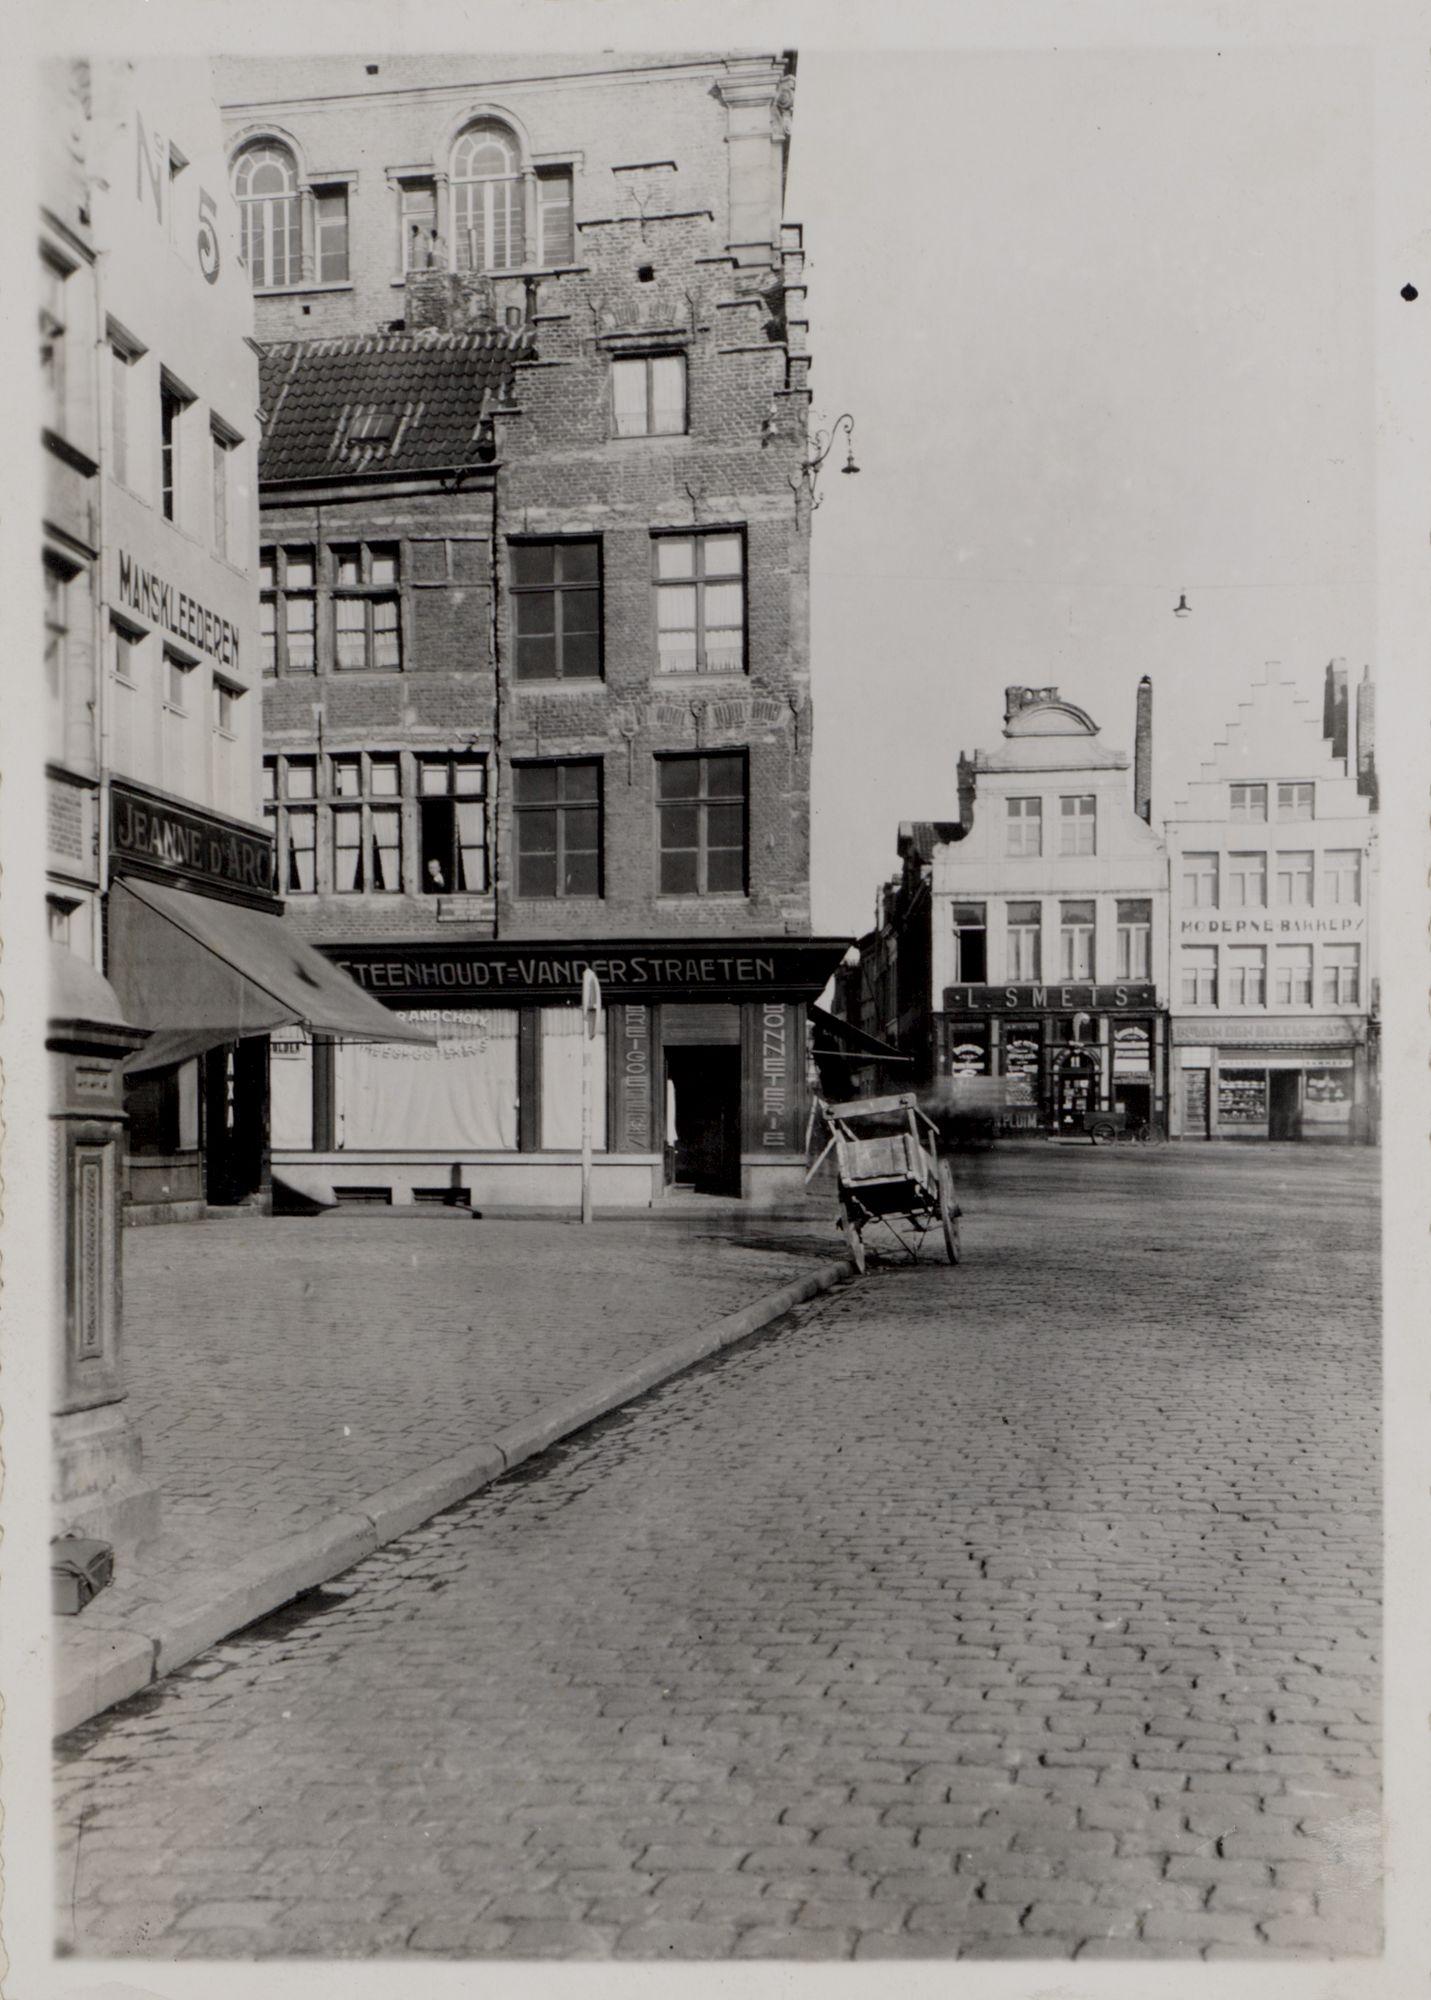 Gent: Vrijdagmarkt, Meerseniersstraat, noordwest kant, breiwinkel Steenhoudt - L. Van Der Straeten en verfwinkel De Gouden Pluim, omstreeks 1900